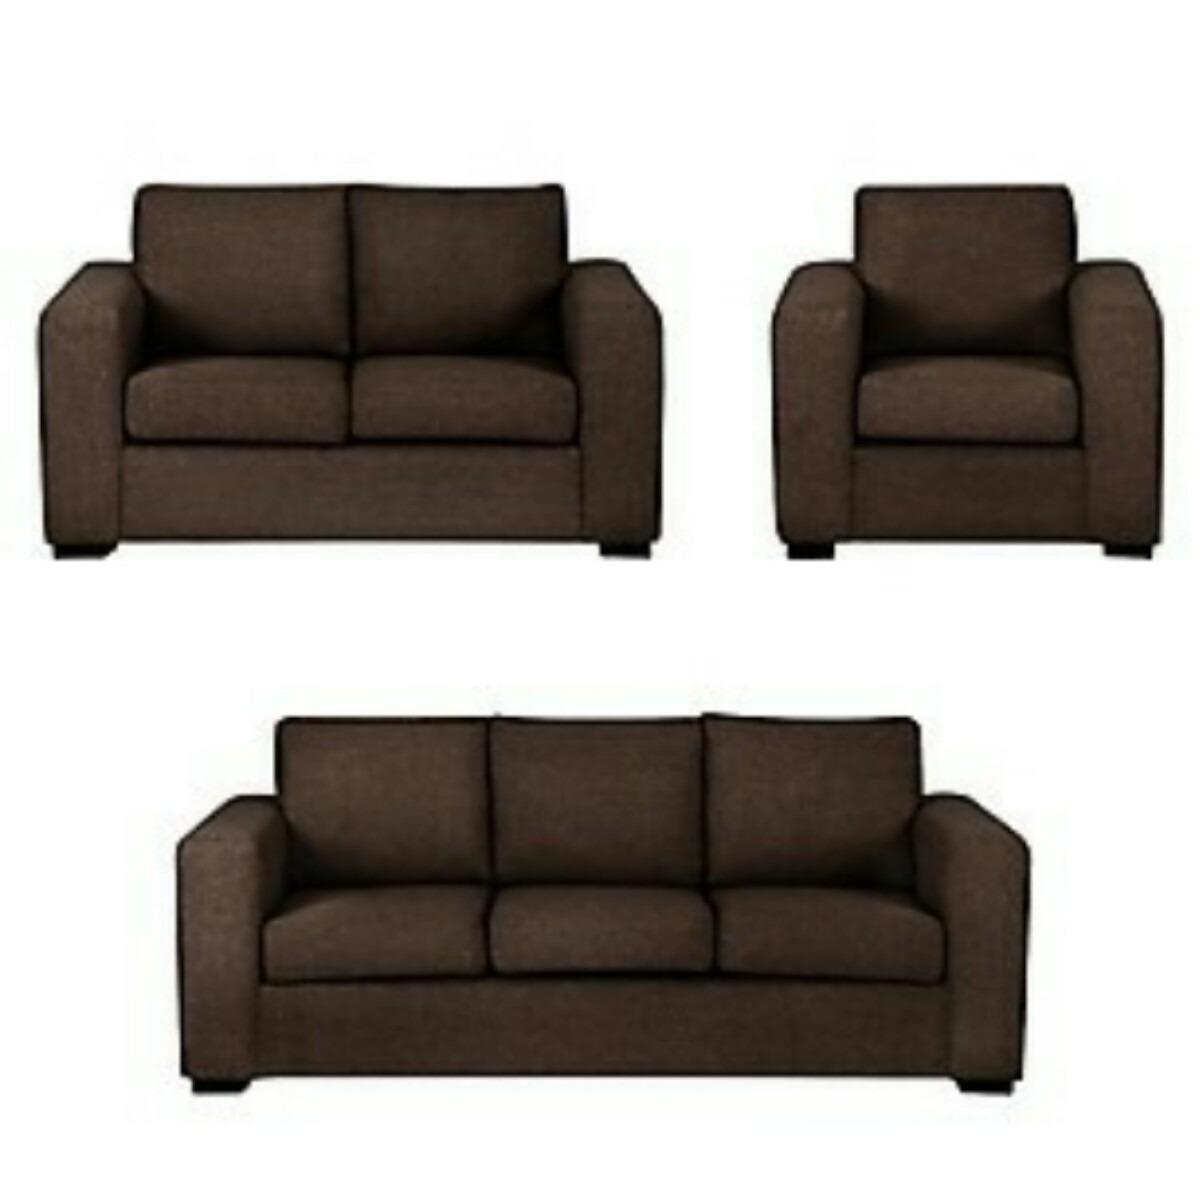 Sofas modernos tapizados en bipiel somos fabricantes bs for Precios de sofas modernos